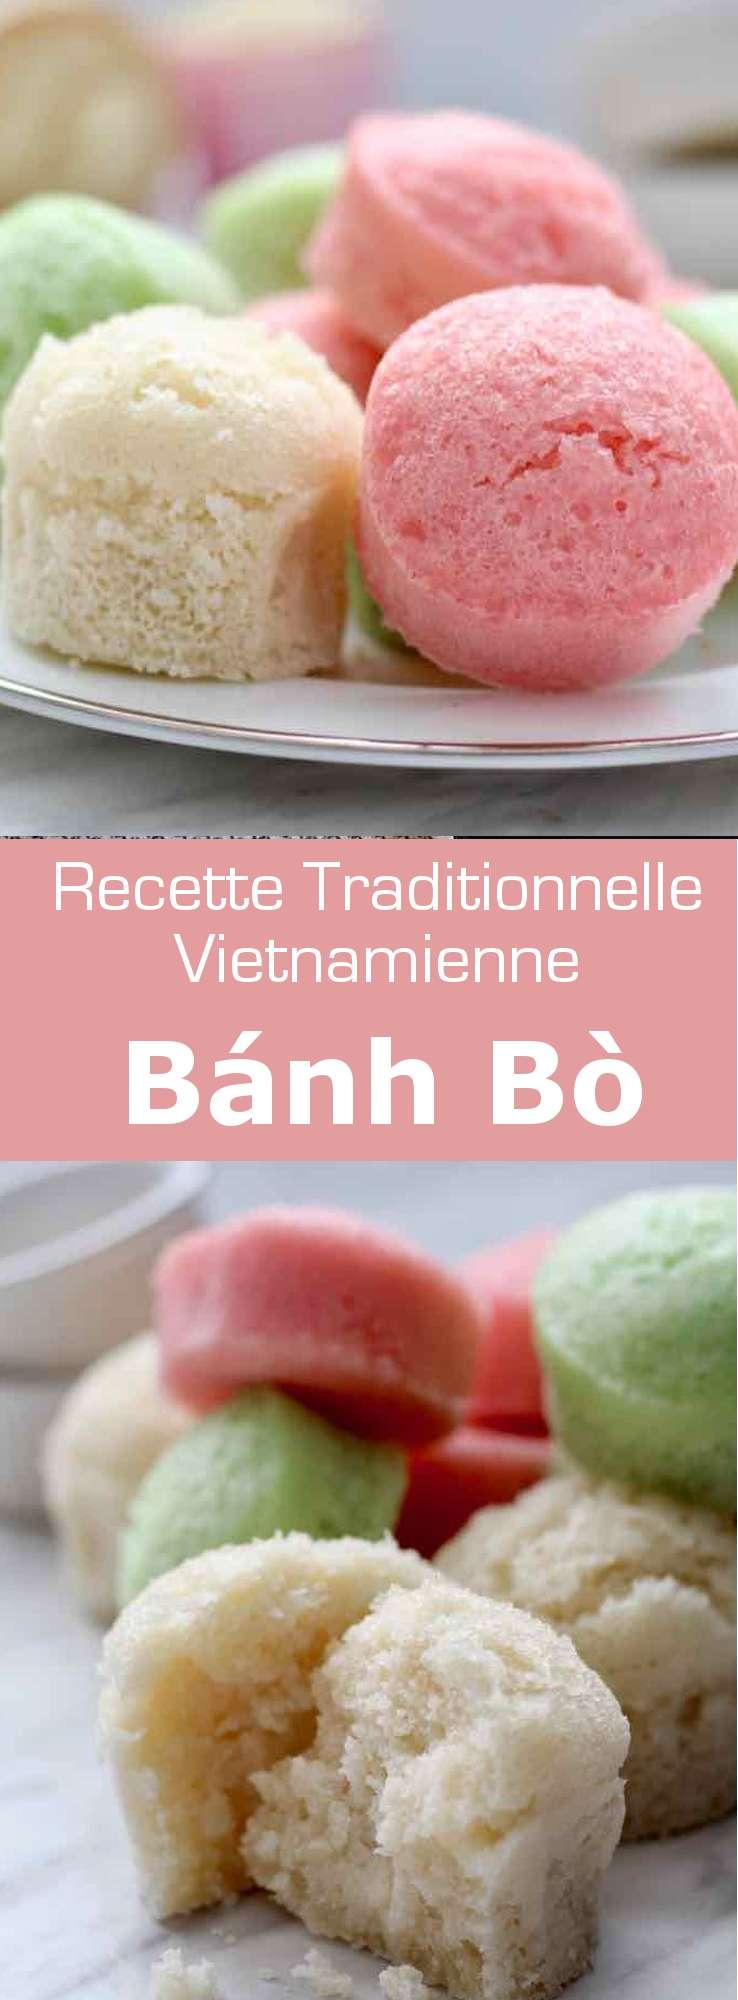 Le bánh bò est une sorte de génoise cuite à la vapeur, à base de farine de riz originaire du sud de la Chine et populaire au Vietnam. #Vietnam #RecetteVietnamienne #CuisineVietnamienne #CuisineAsiatique #RecetteAsiatique #CuisineDuMonde #196flavors